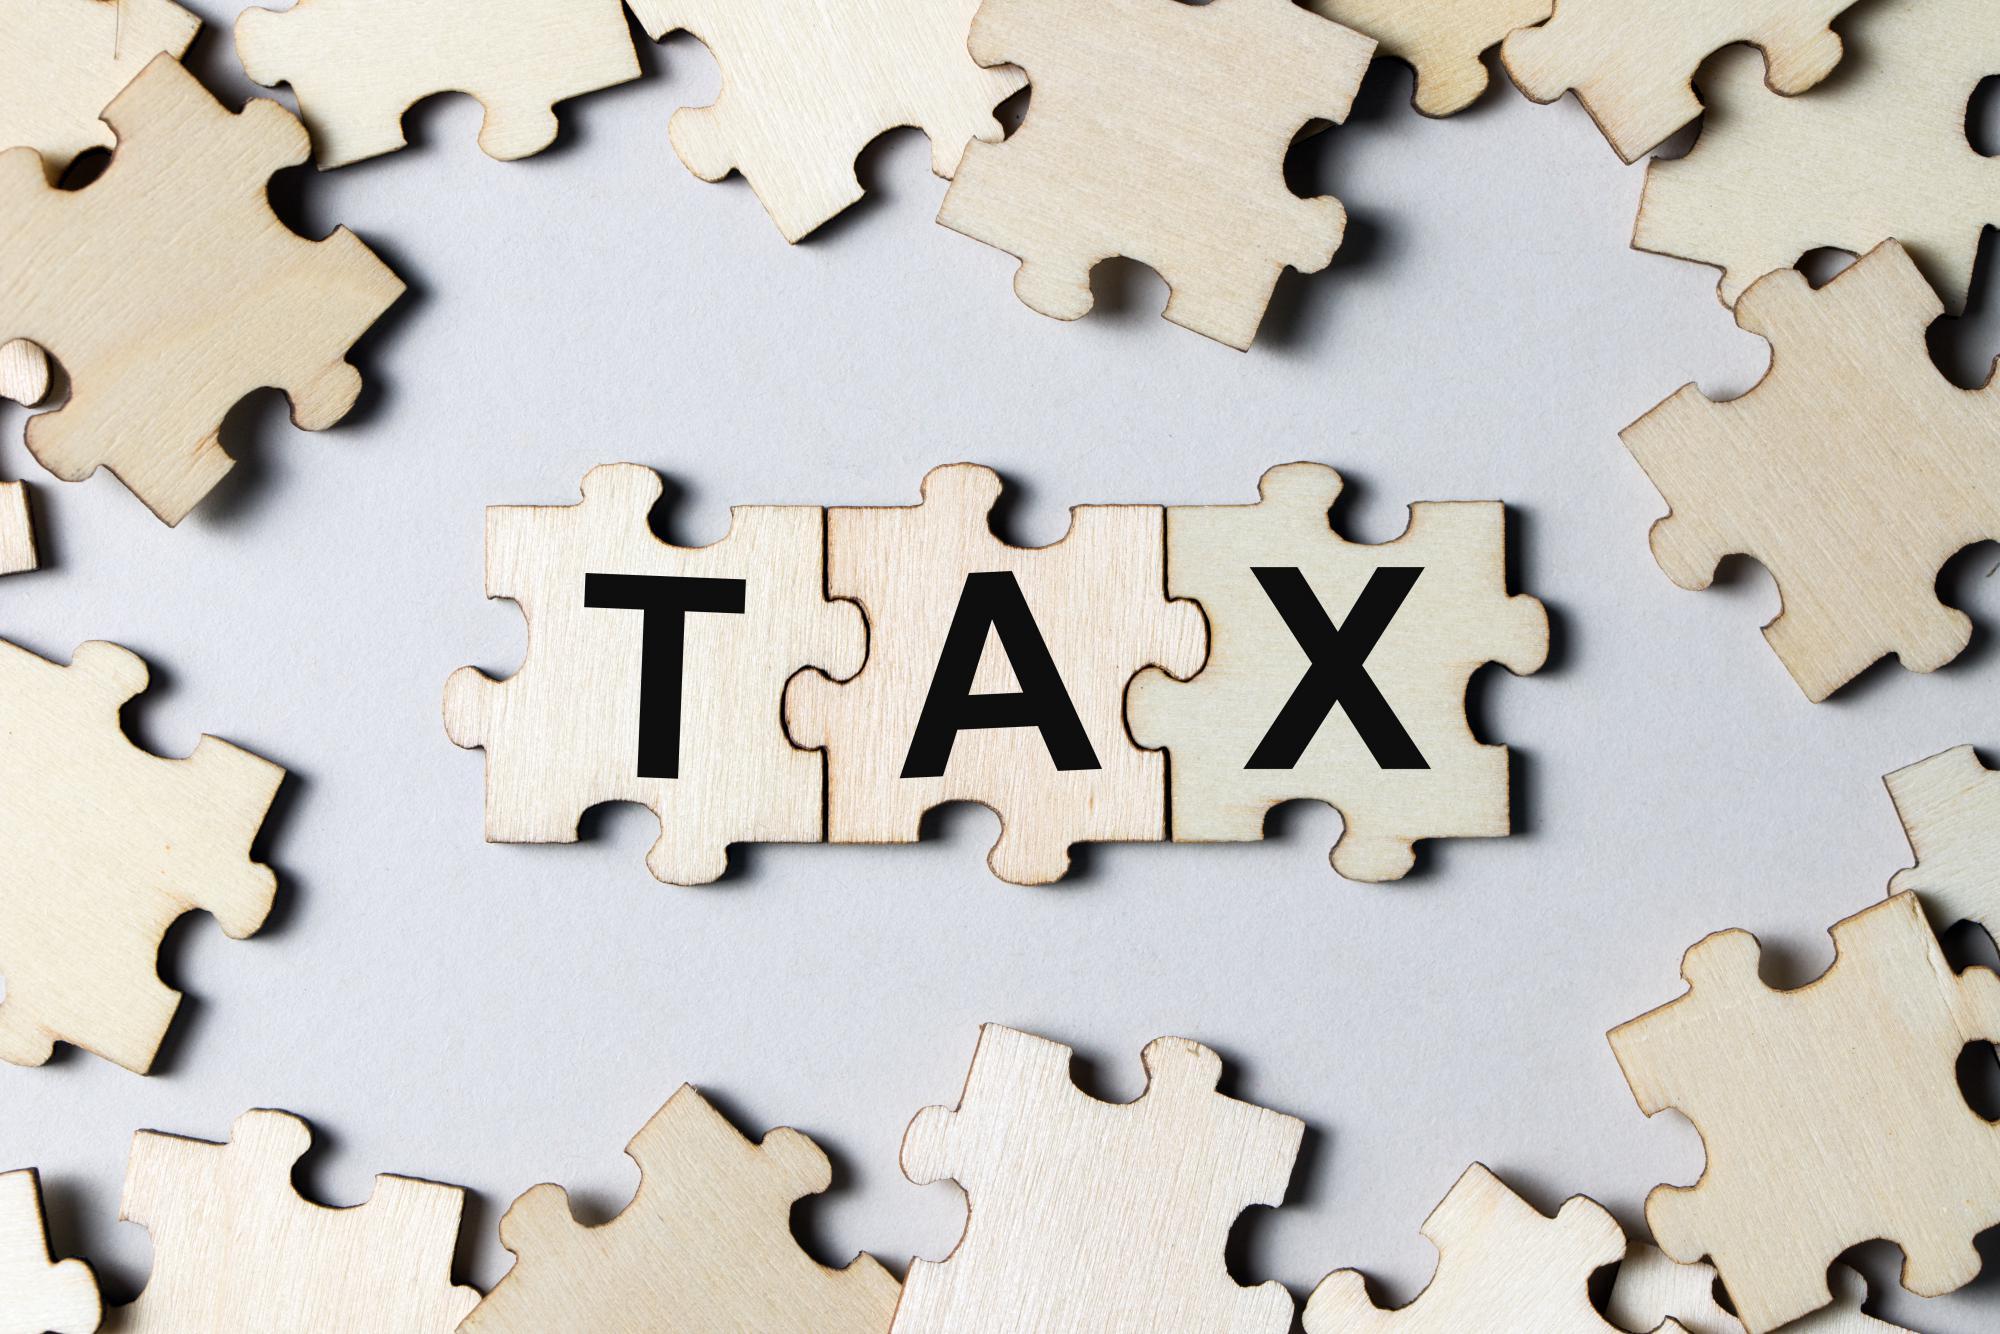 Для целей проведения налогового мониторинга установлены требования к организации системы внутреннего контроля